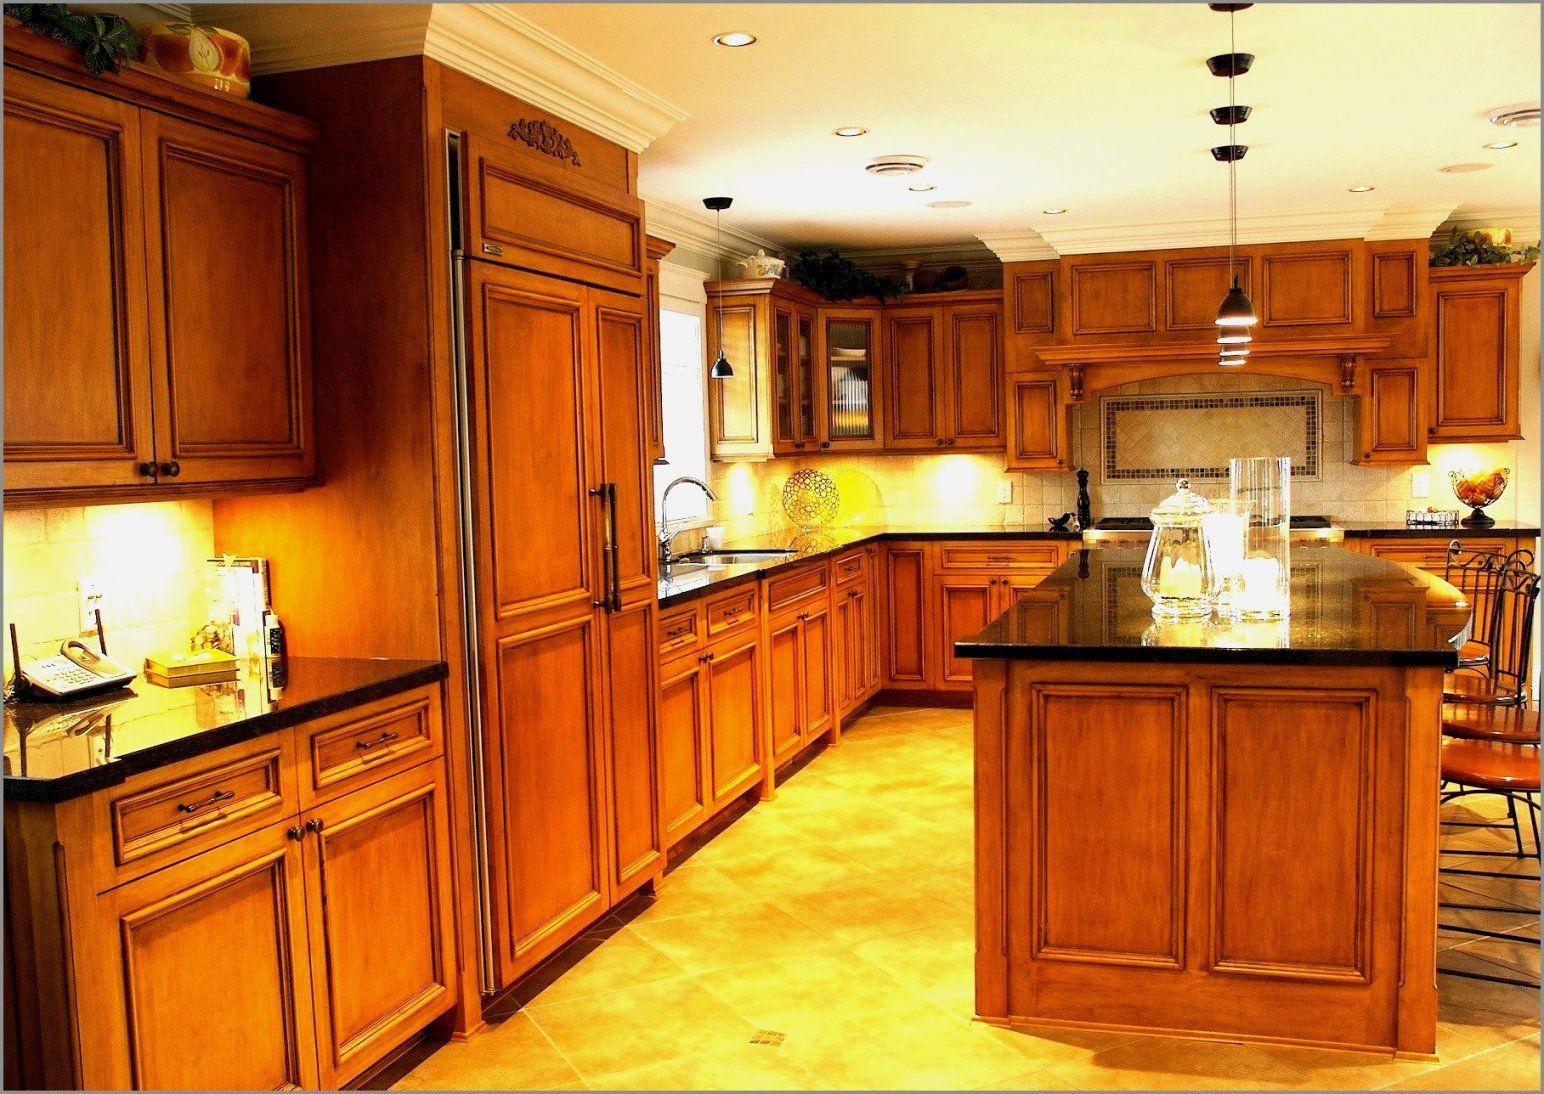 Fronten Küche Fresh Alte Küche Modernisieren Stilvoll Tolle Küche von Küche Eiche Rustikal Modernisieren Bild